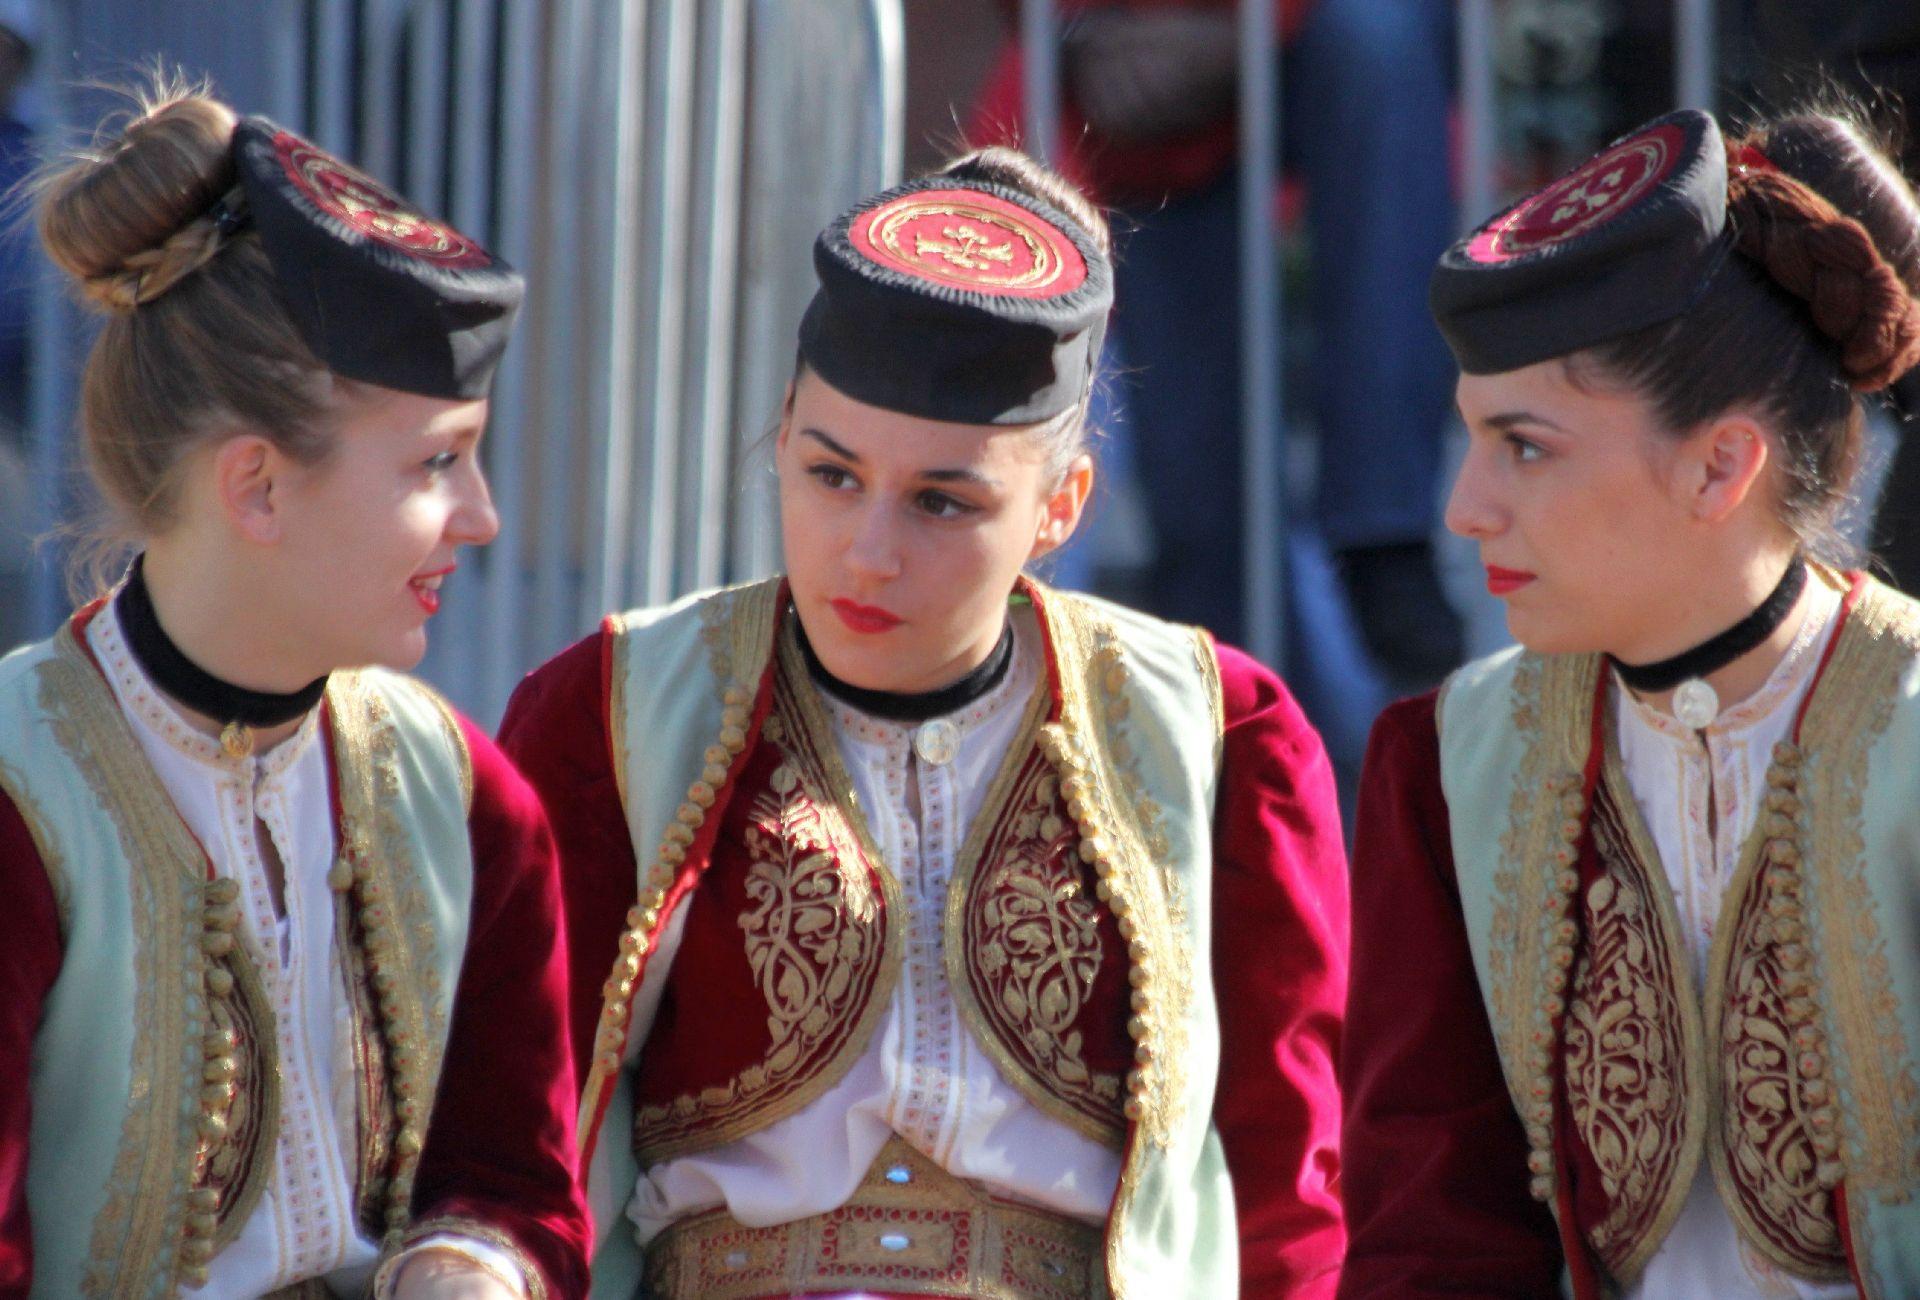 одной стороны фото жителей черногории салоне автомобиля ним